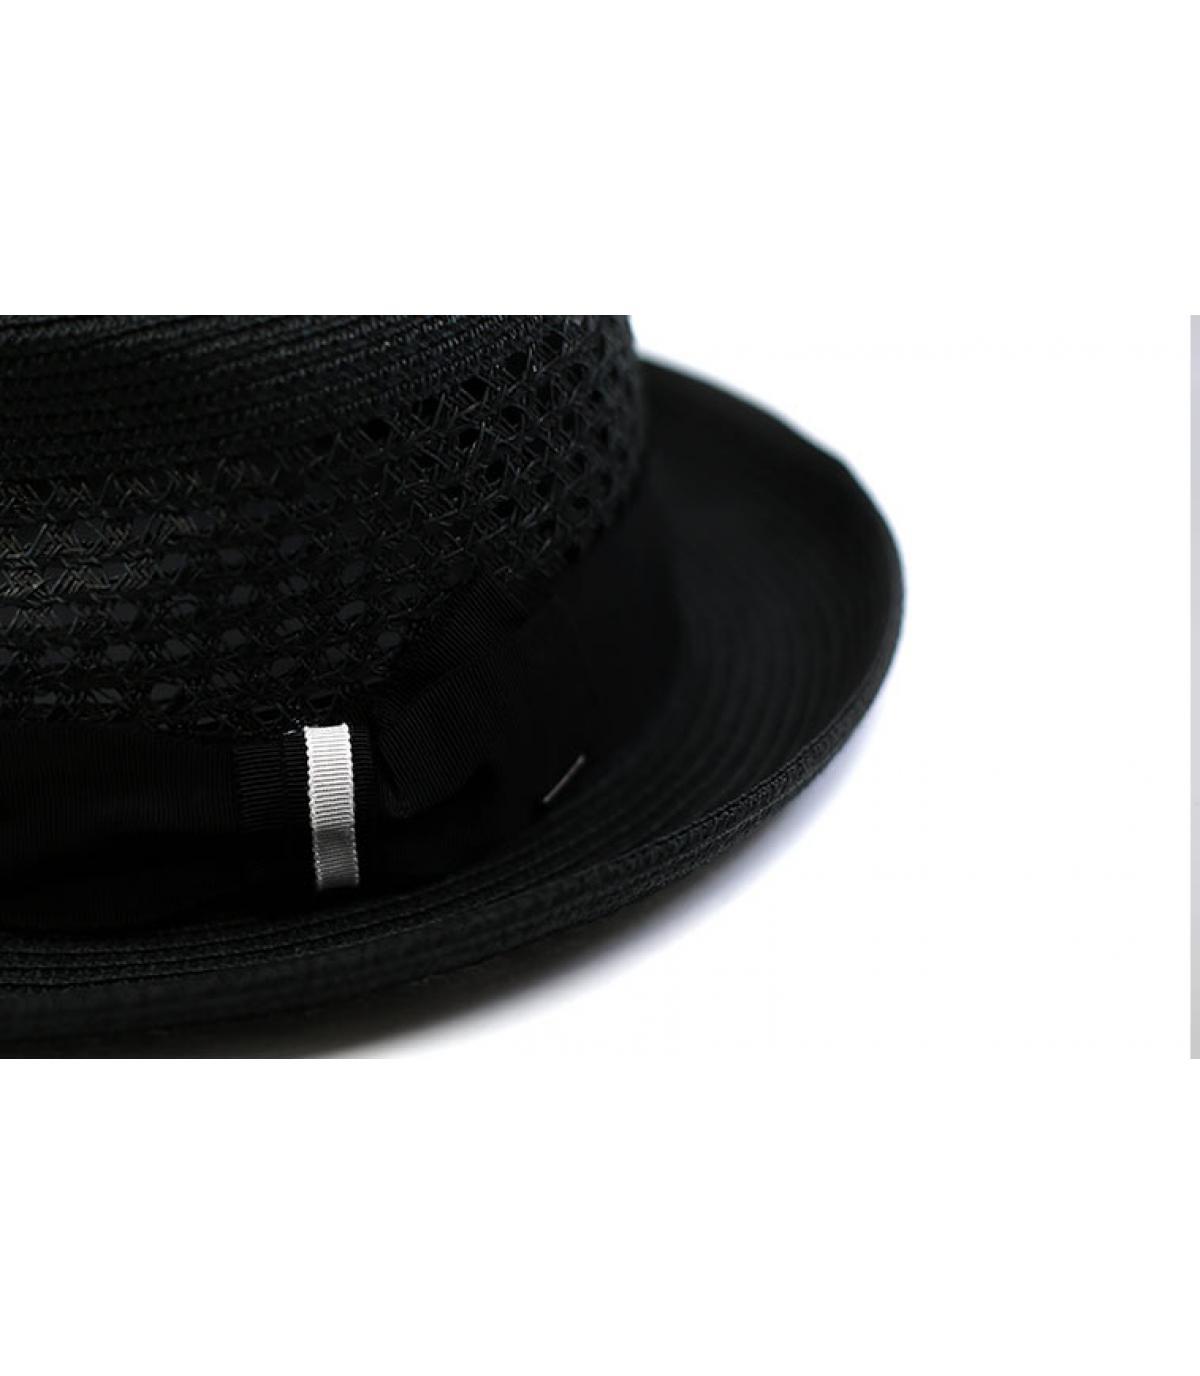 Détails Wilshire solid black - image 3